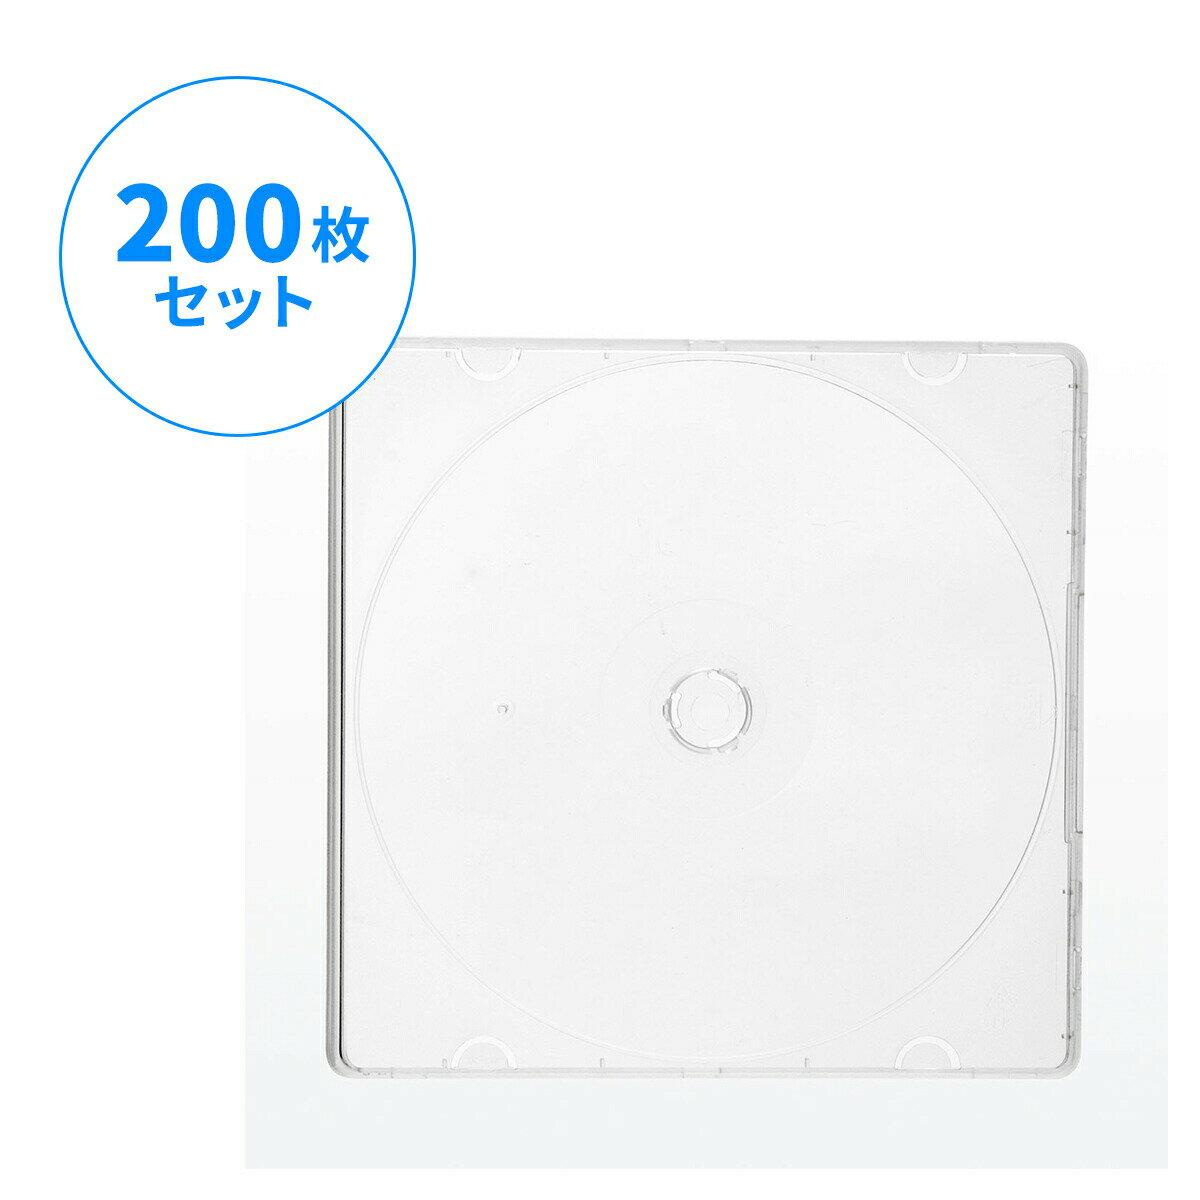 CDケース DVDケース 極薄 4.5mm 1枚収納×200枚セット PP素材 収納ケース メディアケース [200-FCD045-200]【サンワダイレクト限定品】【送料無料】